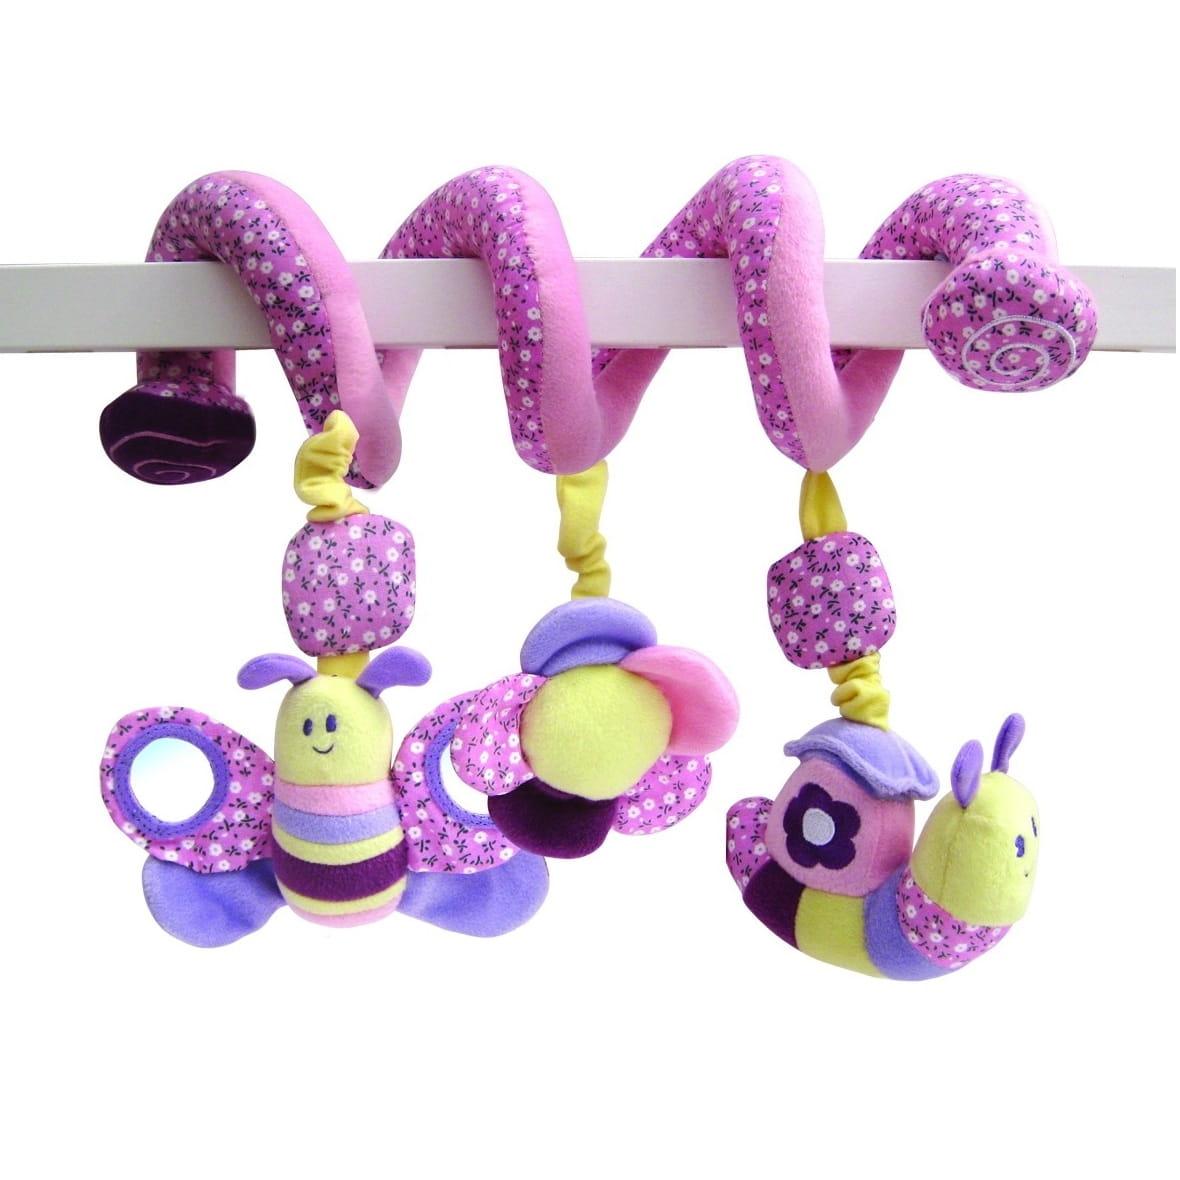 Мягкая подвеска  погремушка Little Bird Told Me Бабочка - Подвесные игрушки и мобили